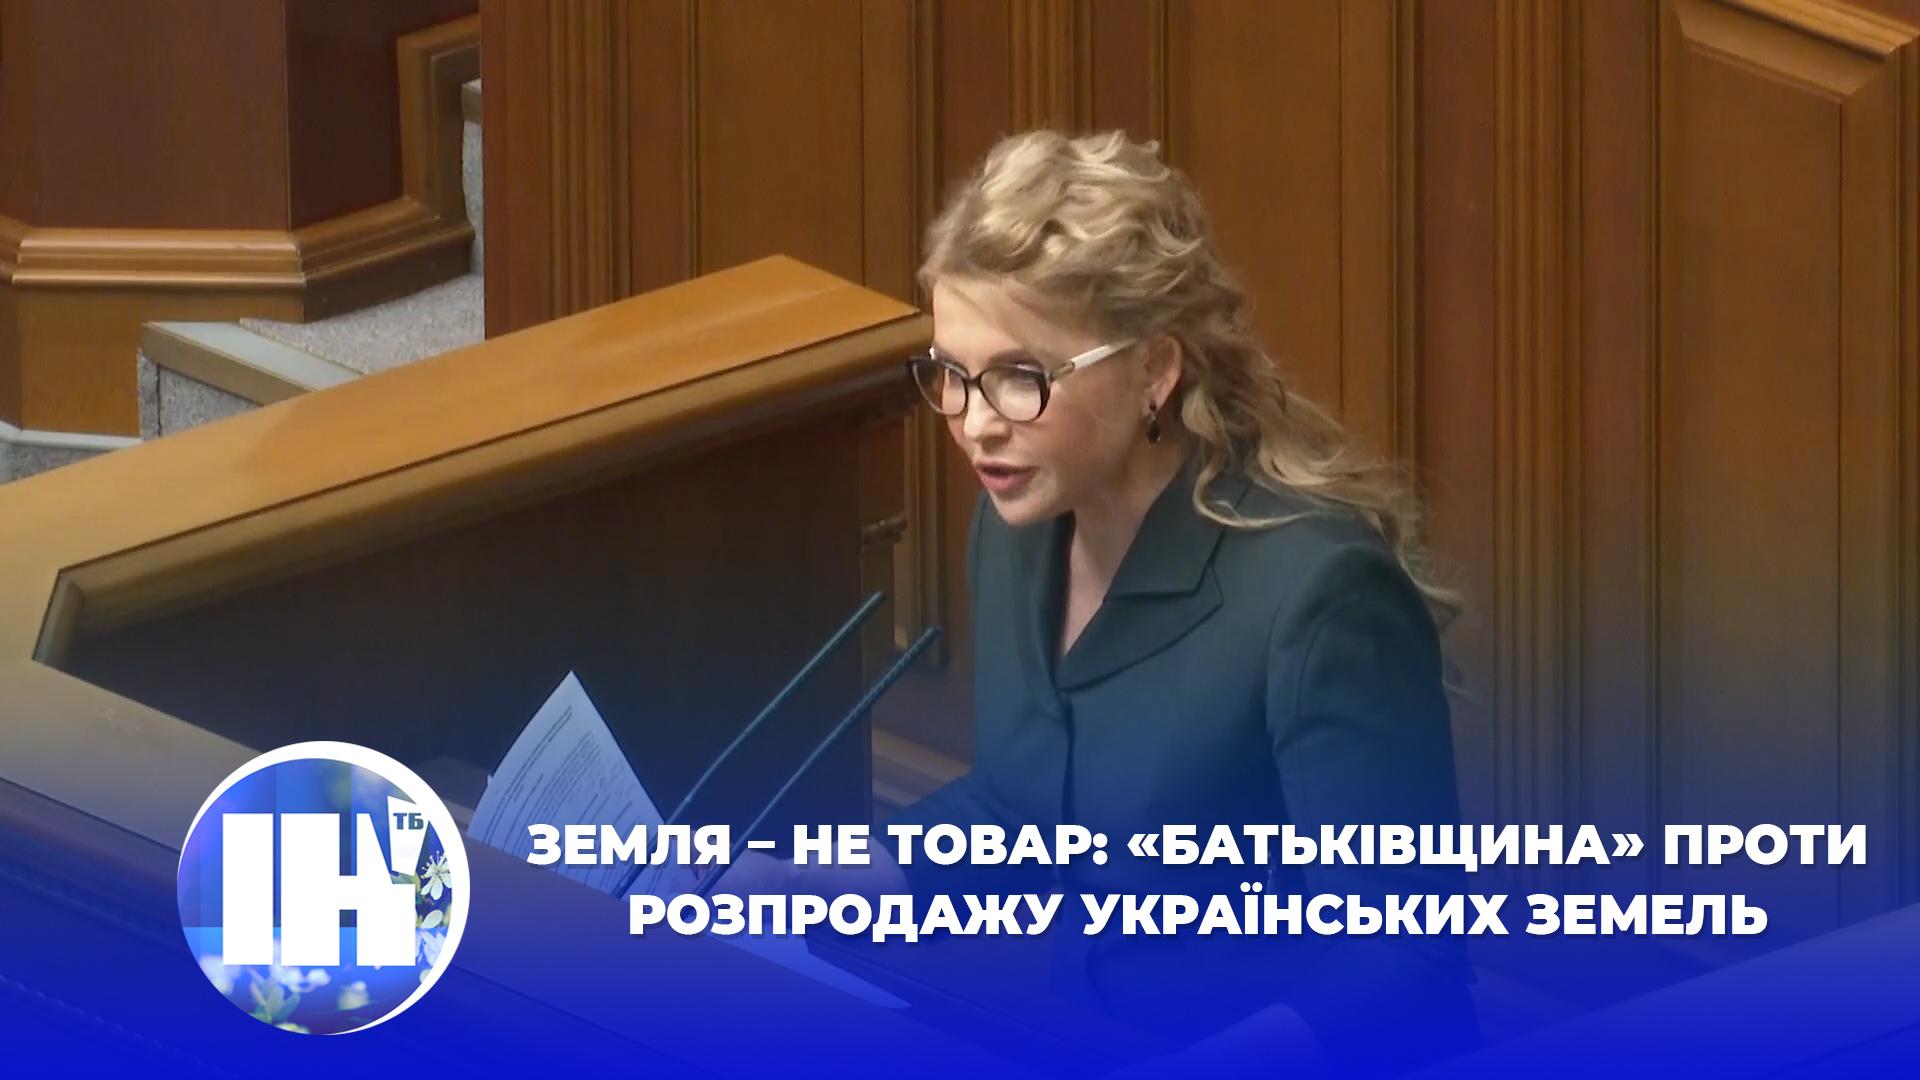 Земля – не товар: «Батьківщина» проти розпродажу українських земель